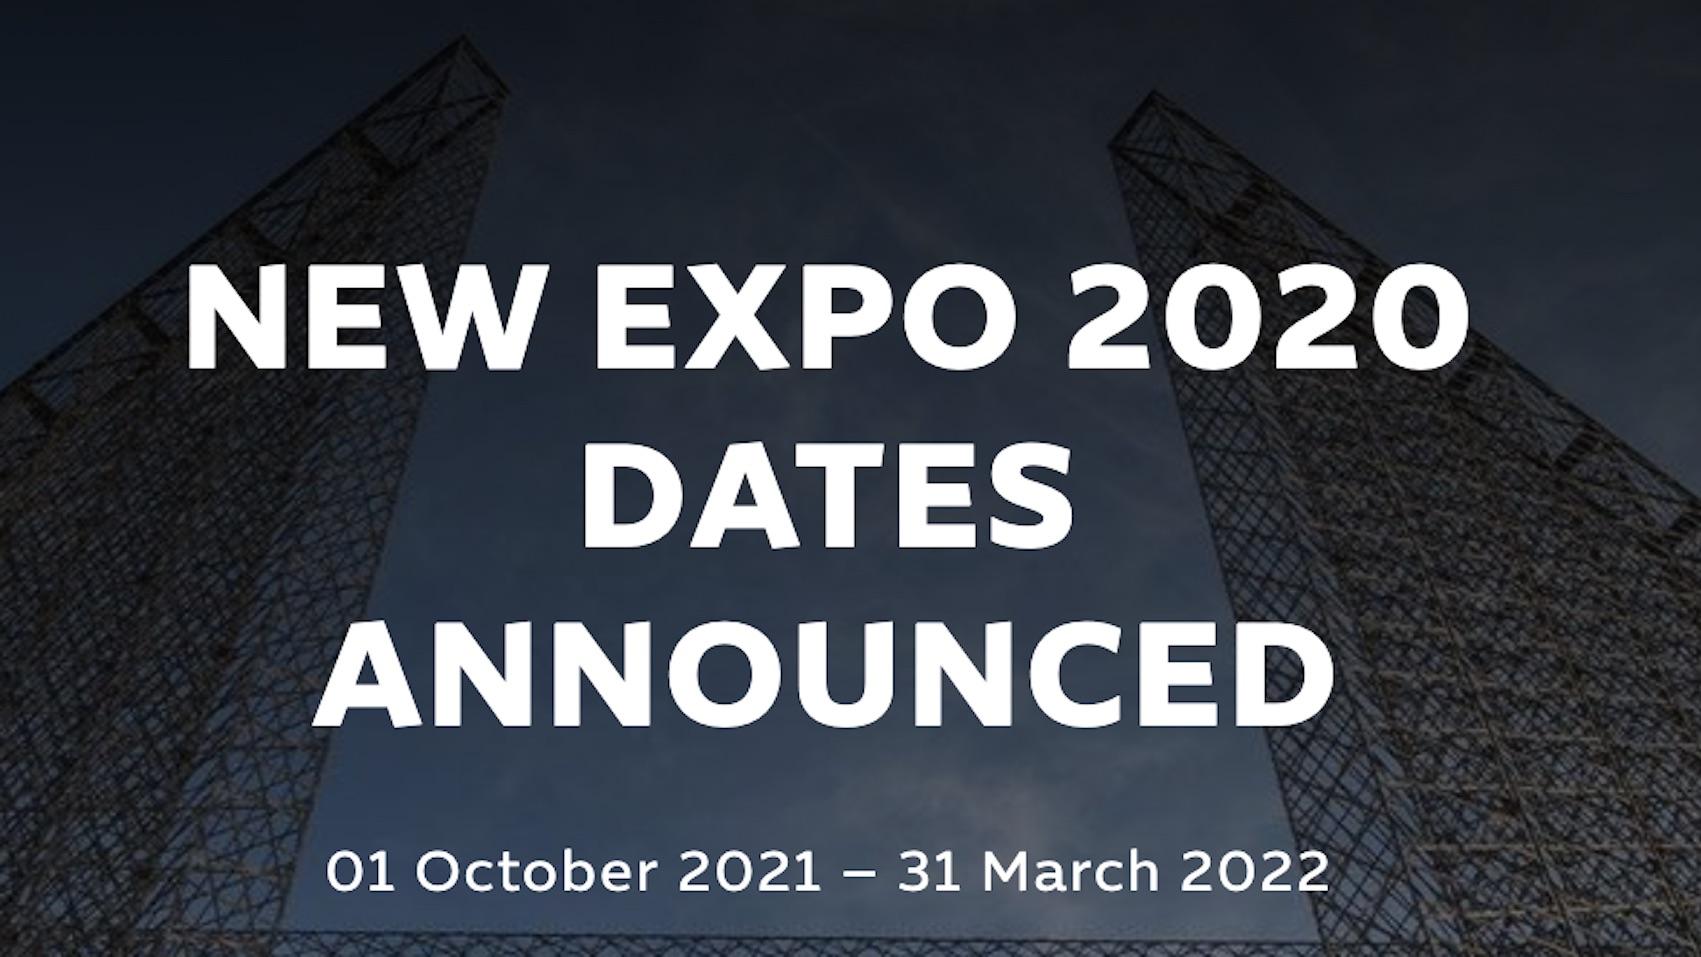 EXPO verschoben (Quelle: expo2020dubai.com, Screenshot: SmartPhoneFan.de)